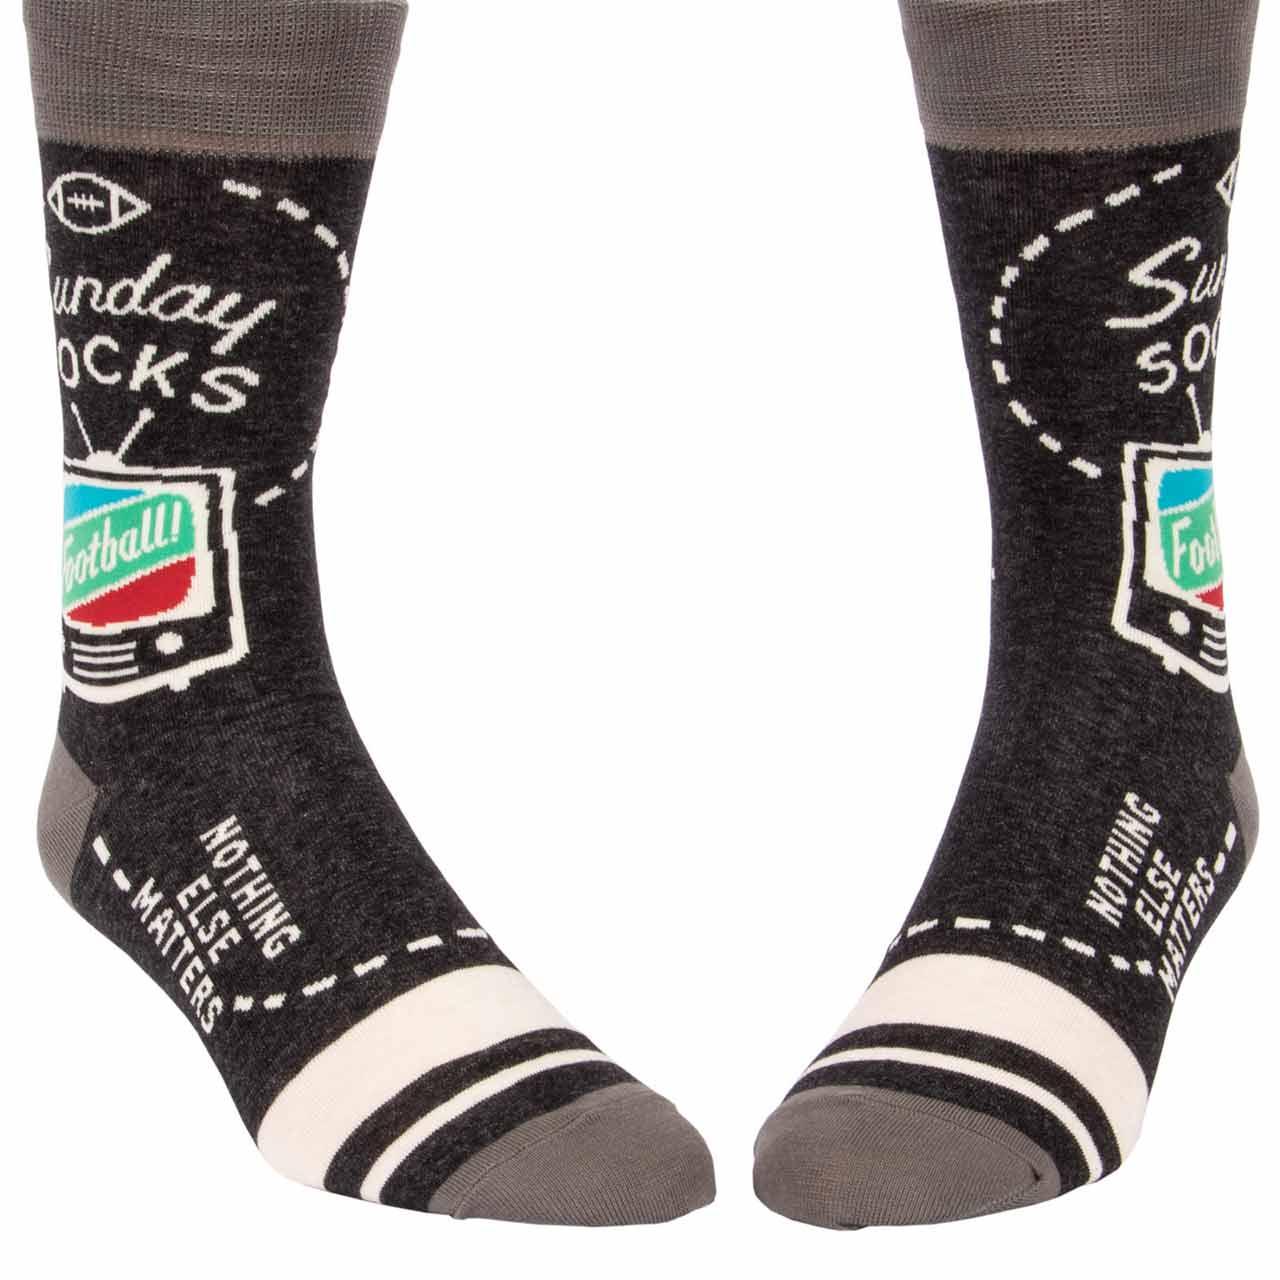 BLUE Q Men's Socks | Sunday Football Socks